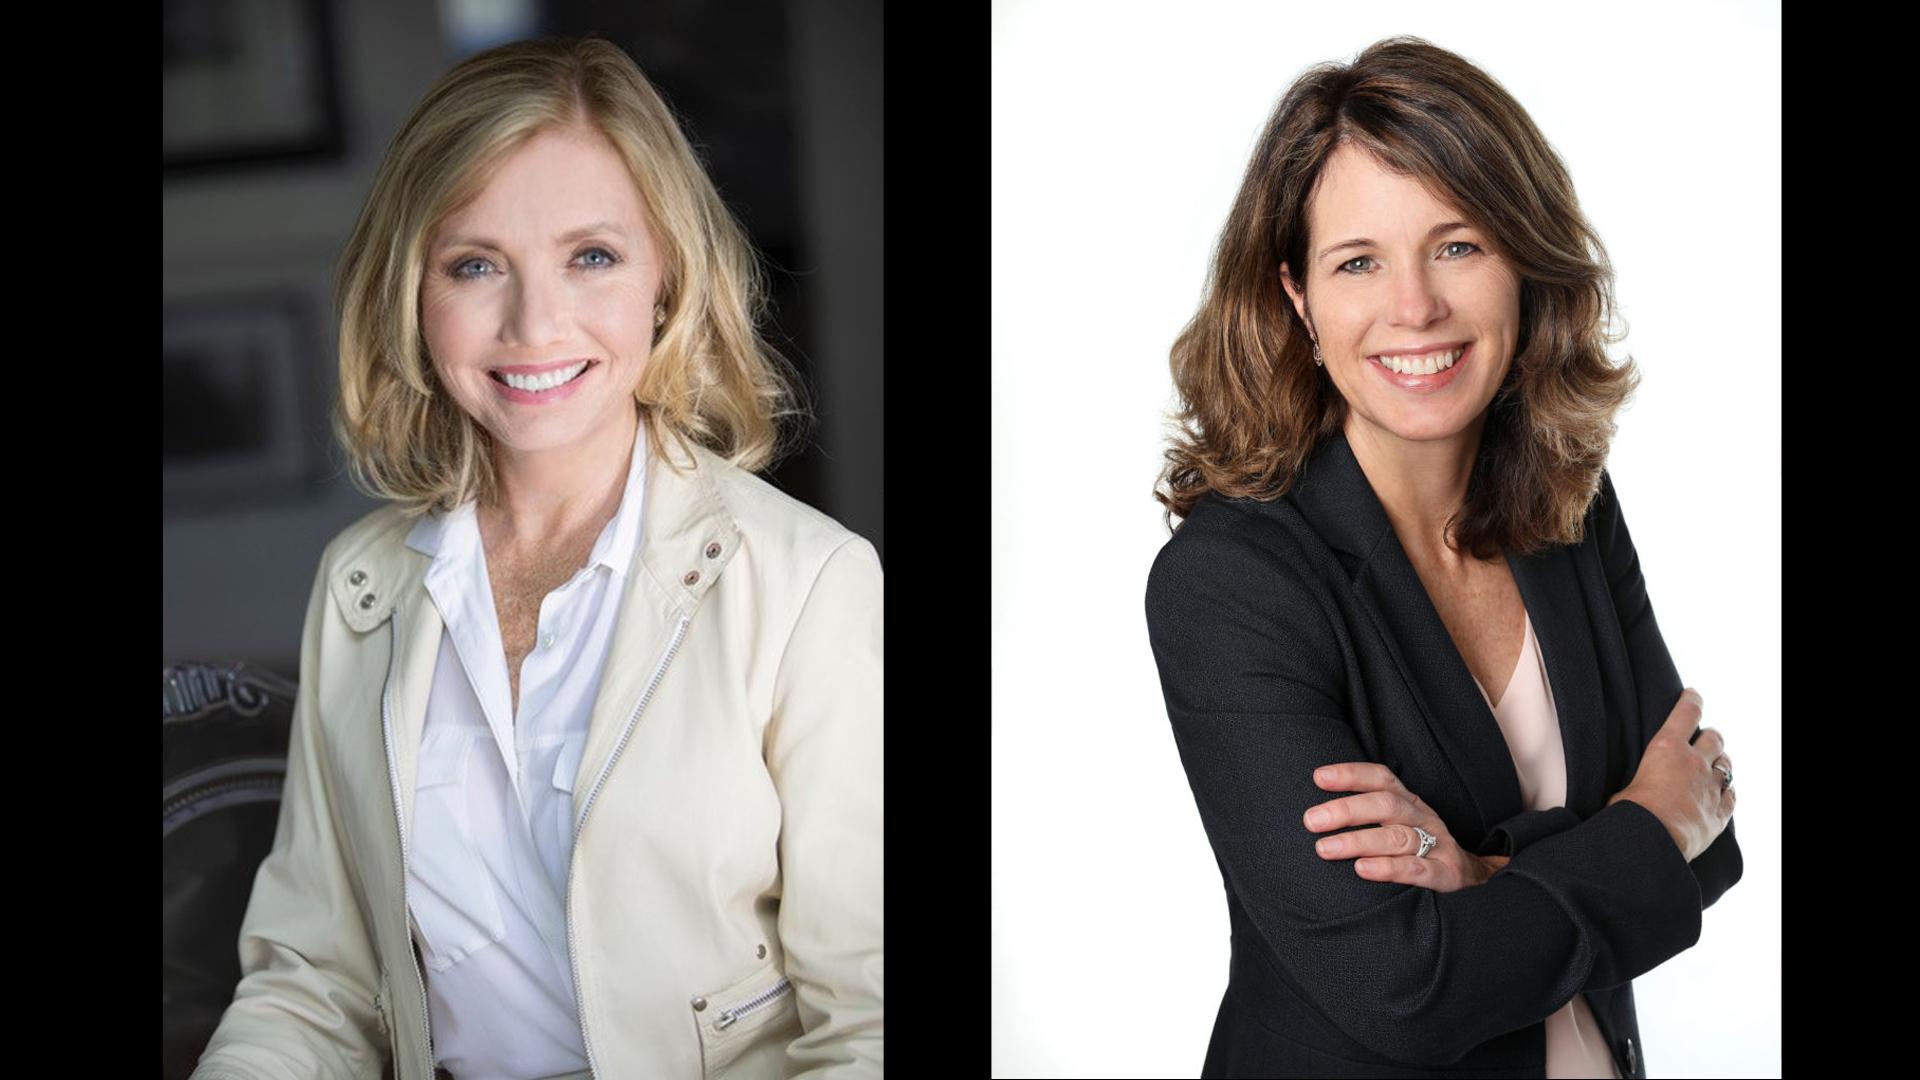 Ellen Keithline Byrne and Lori Nemeth, PhD